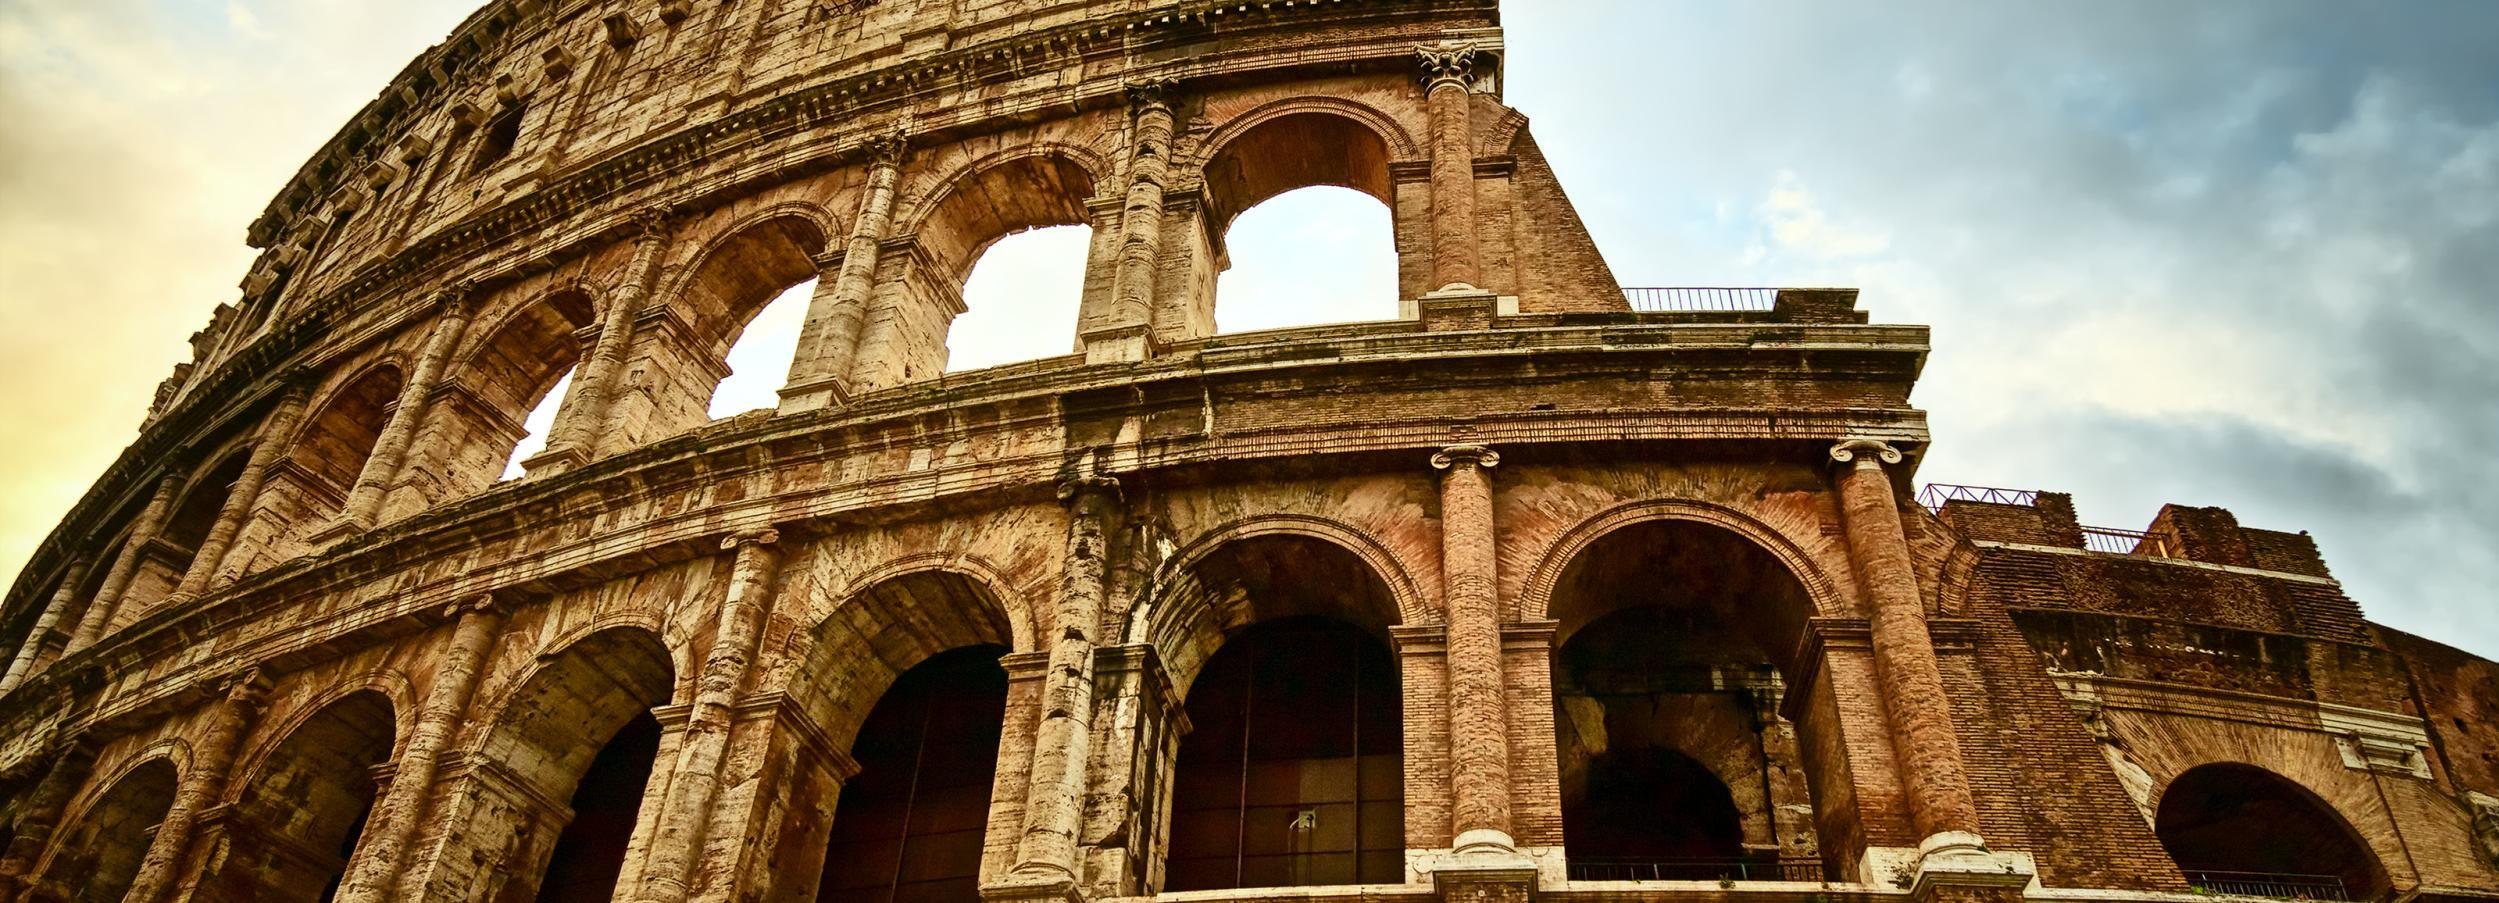 Roma: tour del Colosseo con ingresso prioritario